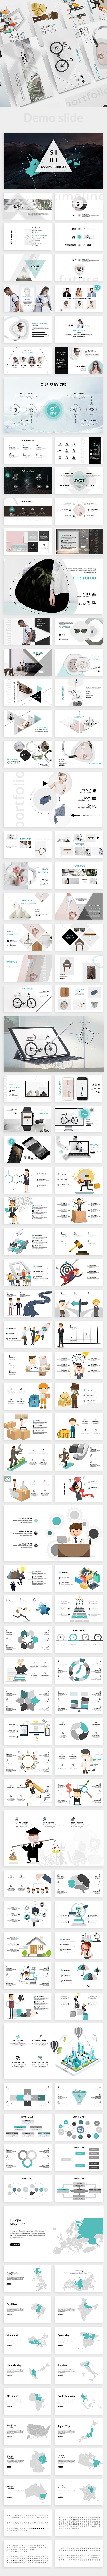 Siri Minimalism Google Slide Template - Google Slides Presentation Templates